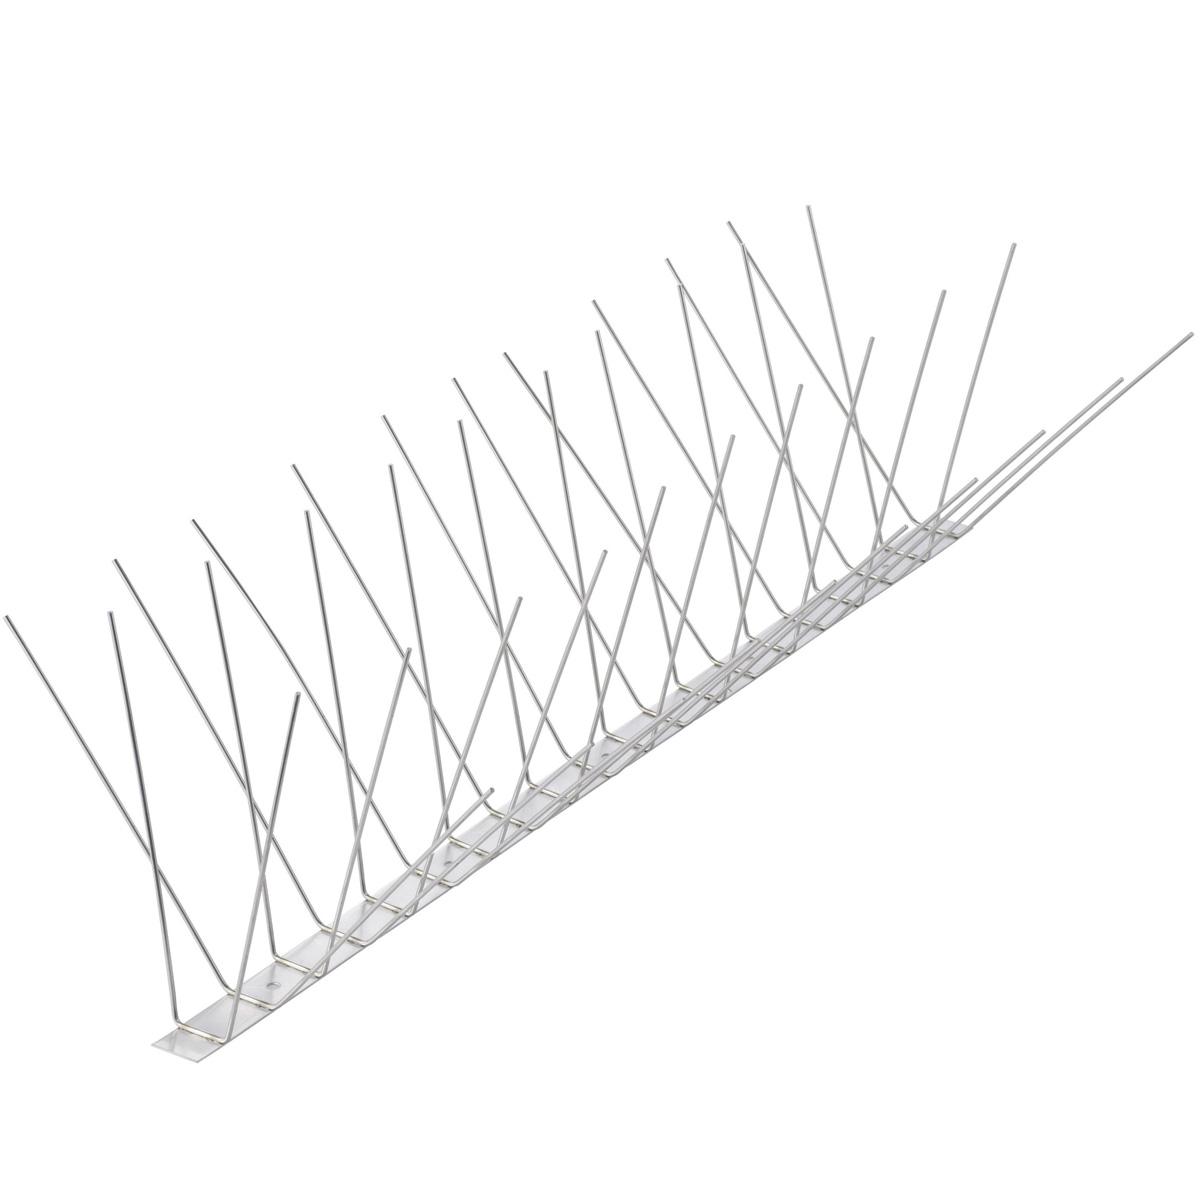 〈オールステンロング剣山ワイド〉L500×W200×H150 SUSピン:φ2.0 台座:w20 t0.8